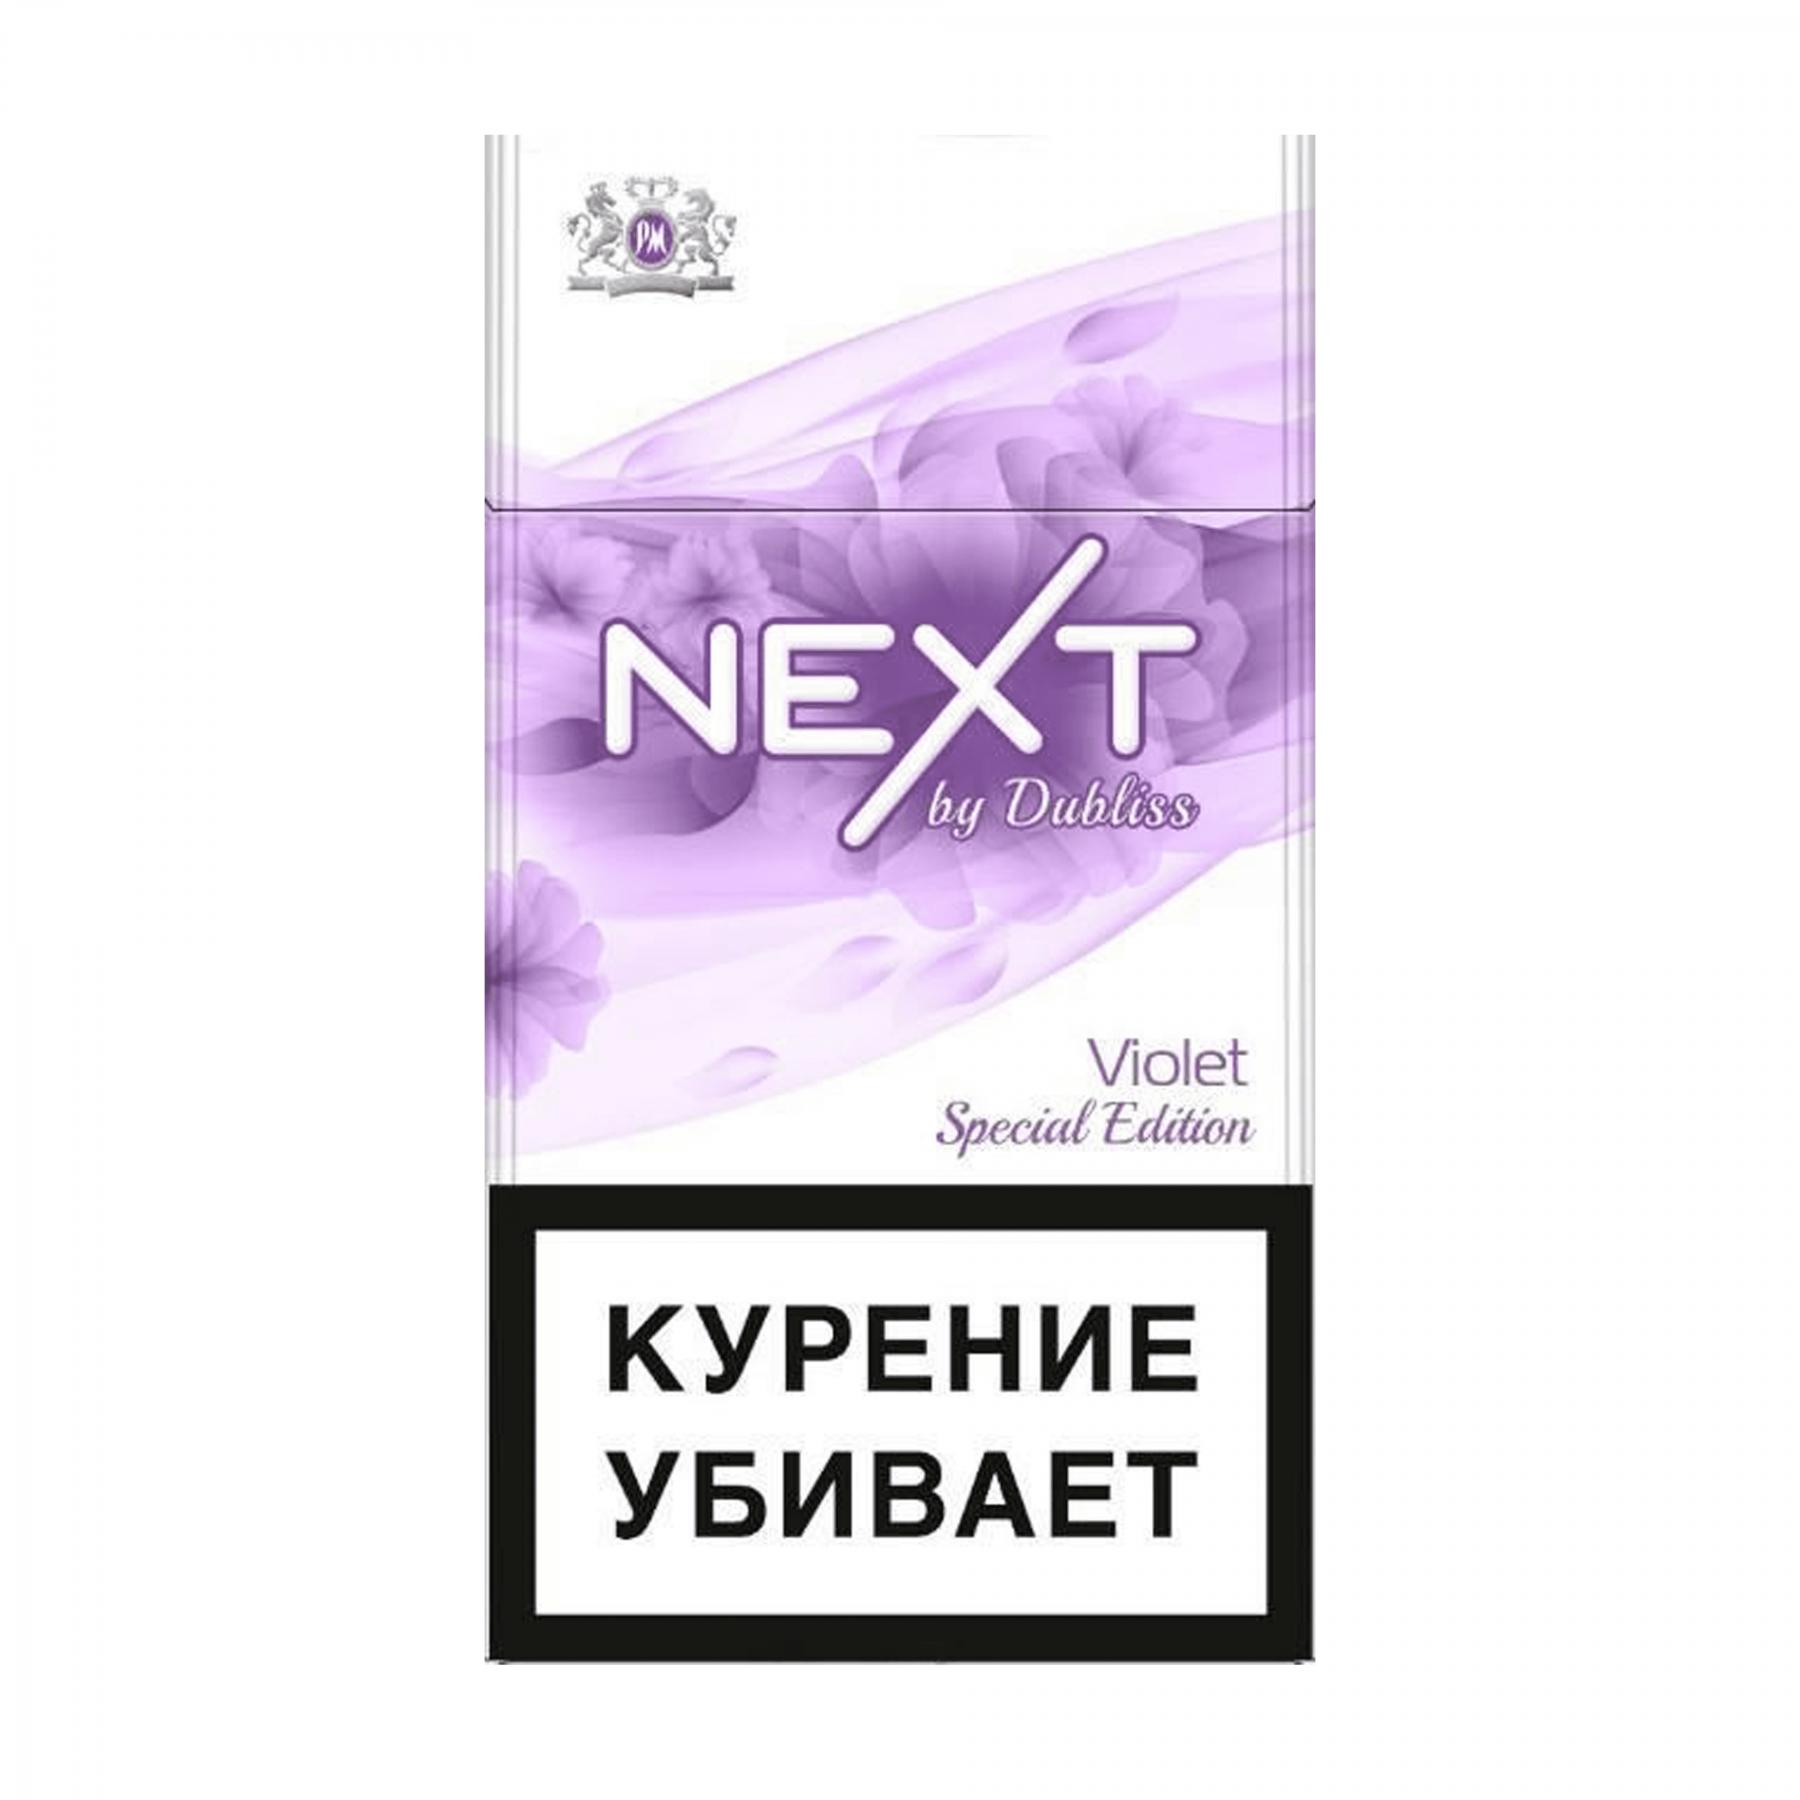 Сигареты next с кнопкой фиолетовые купить купить ту 154 сигареты